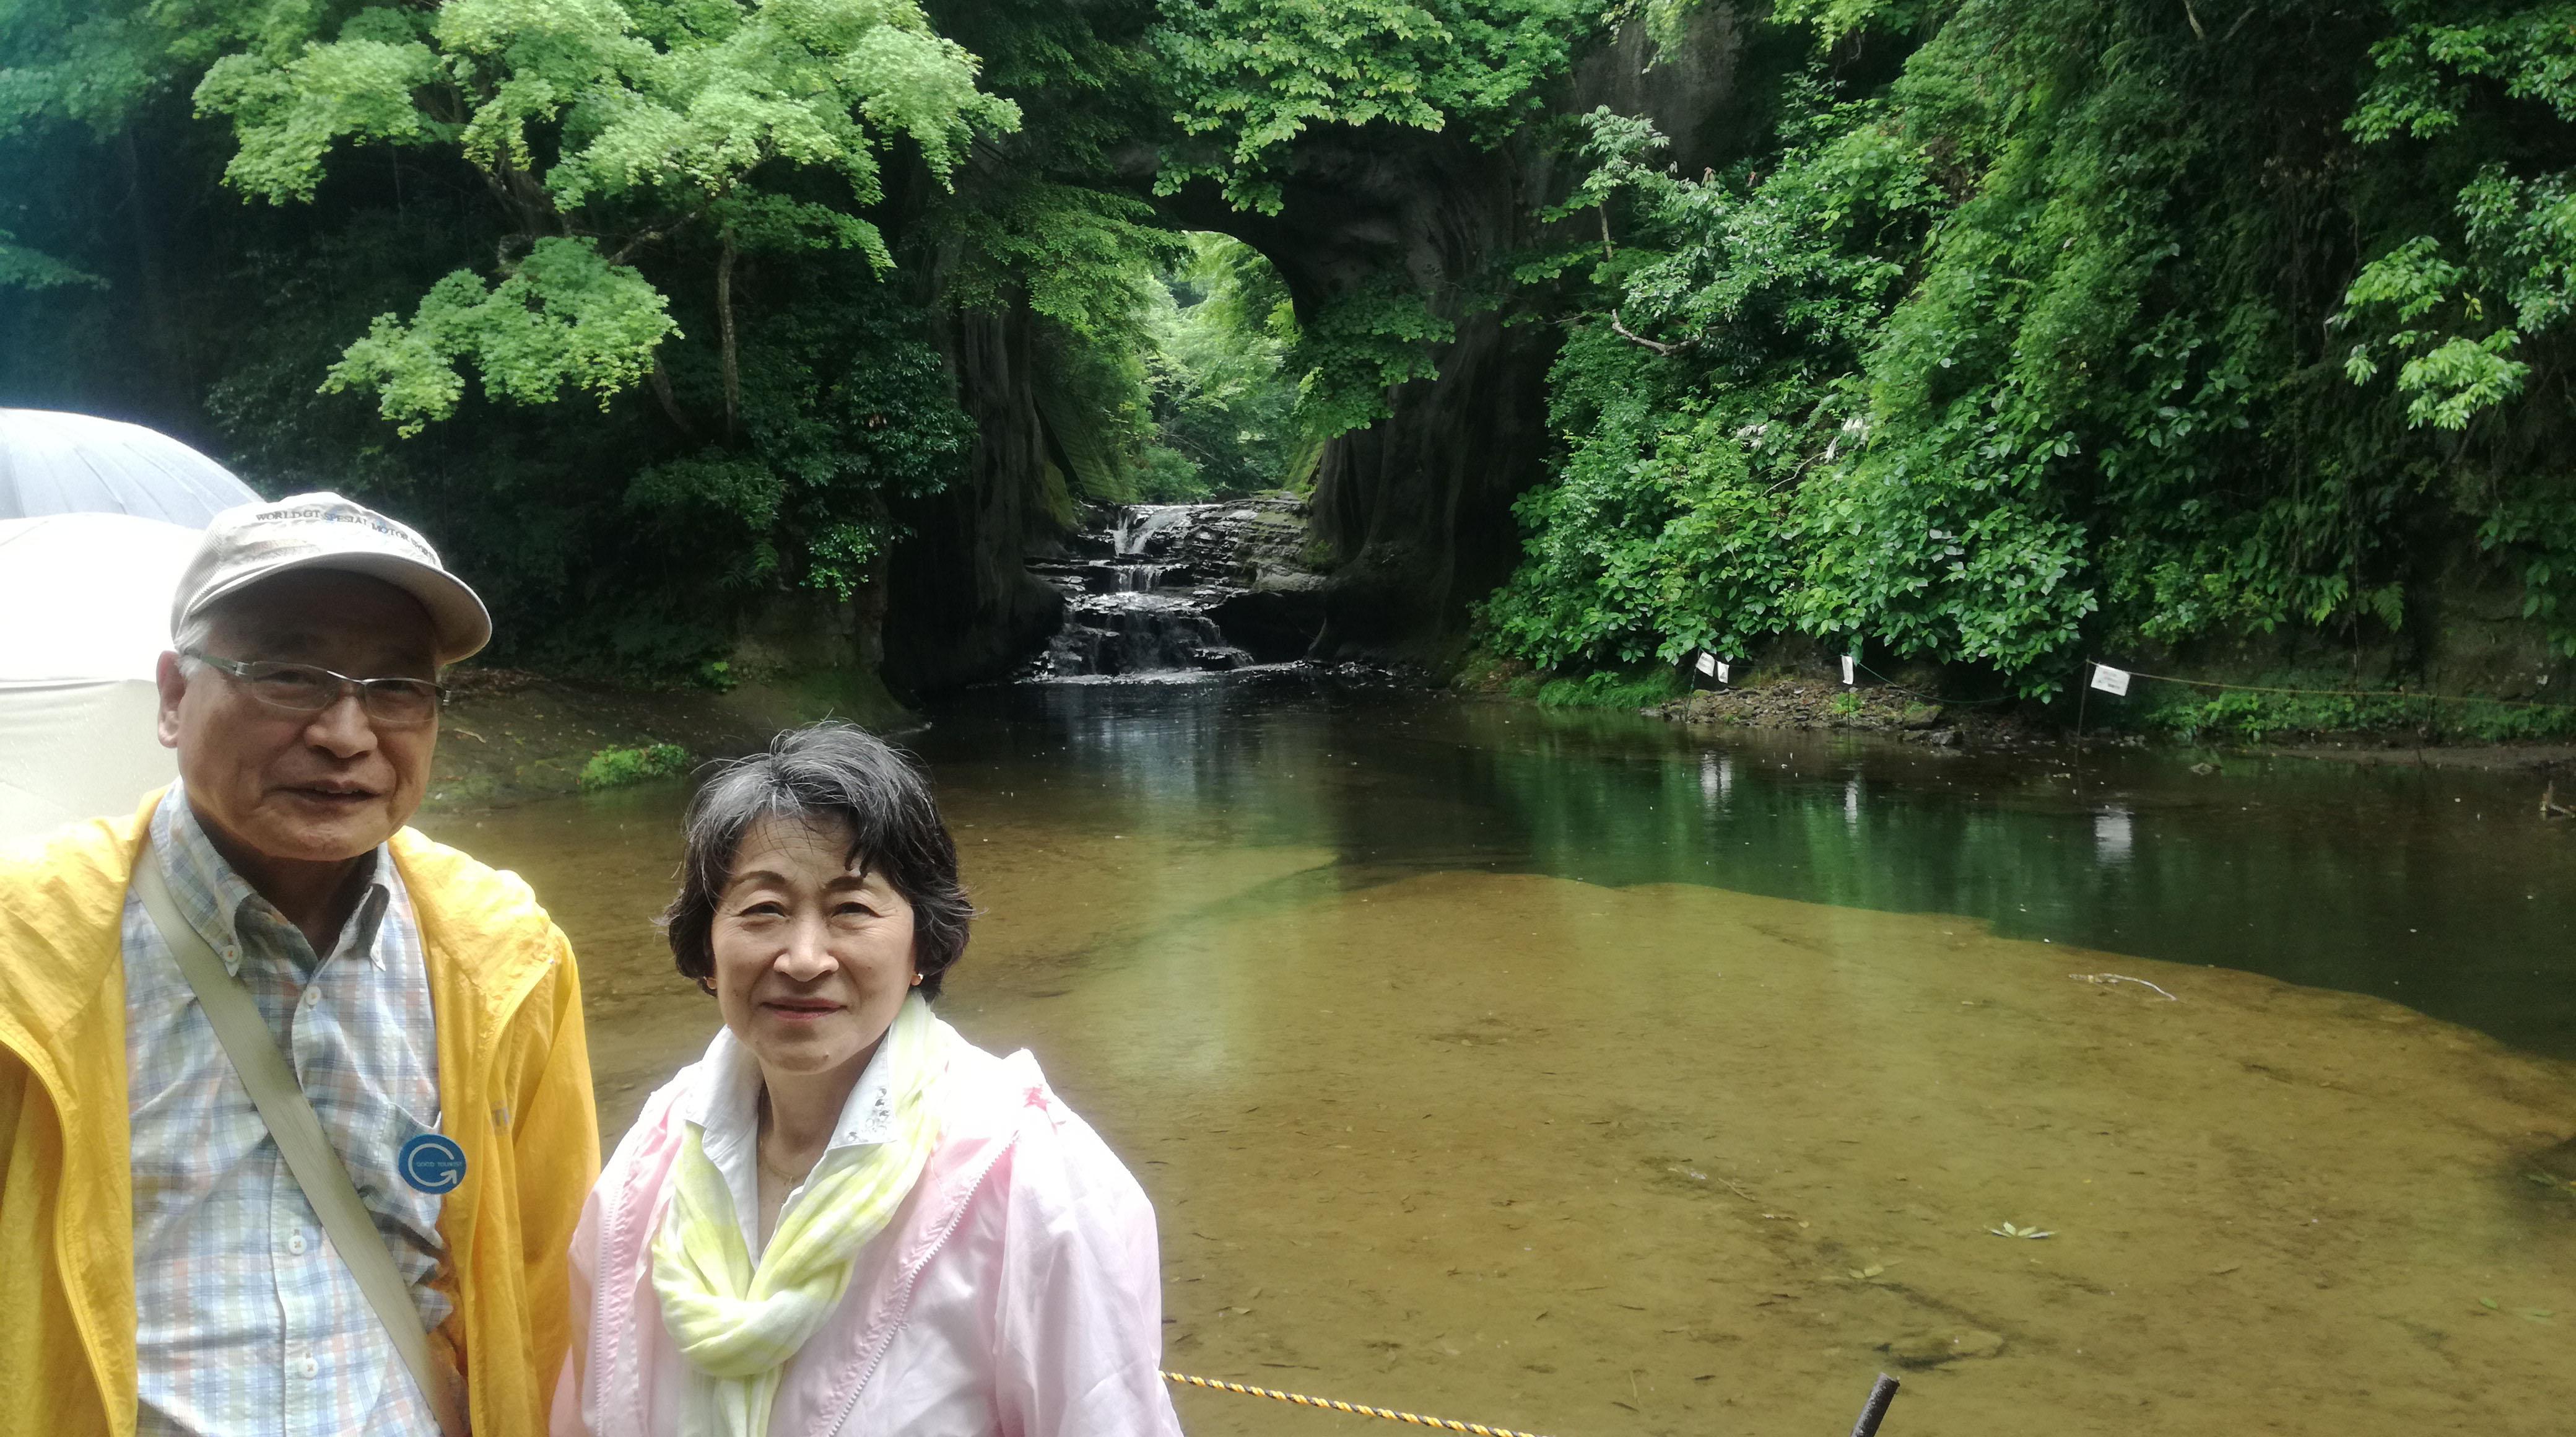 千葉房総・濃溝の滝と袖ヶ浦公園を巡るツアー催行!